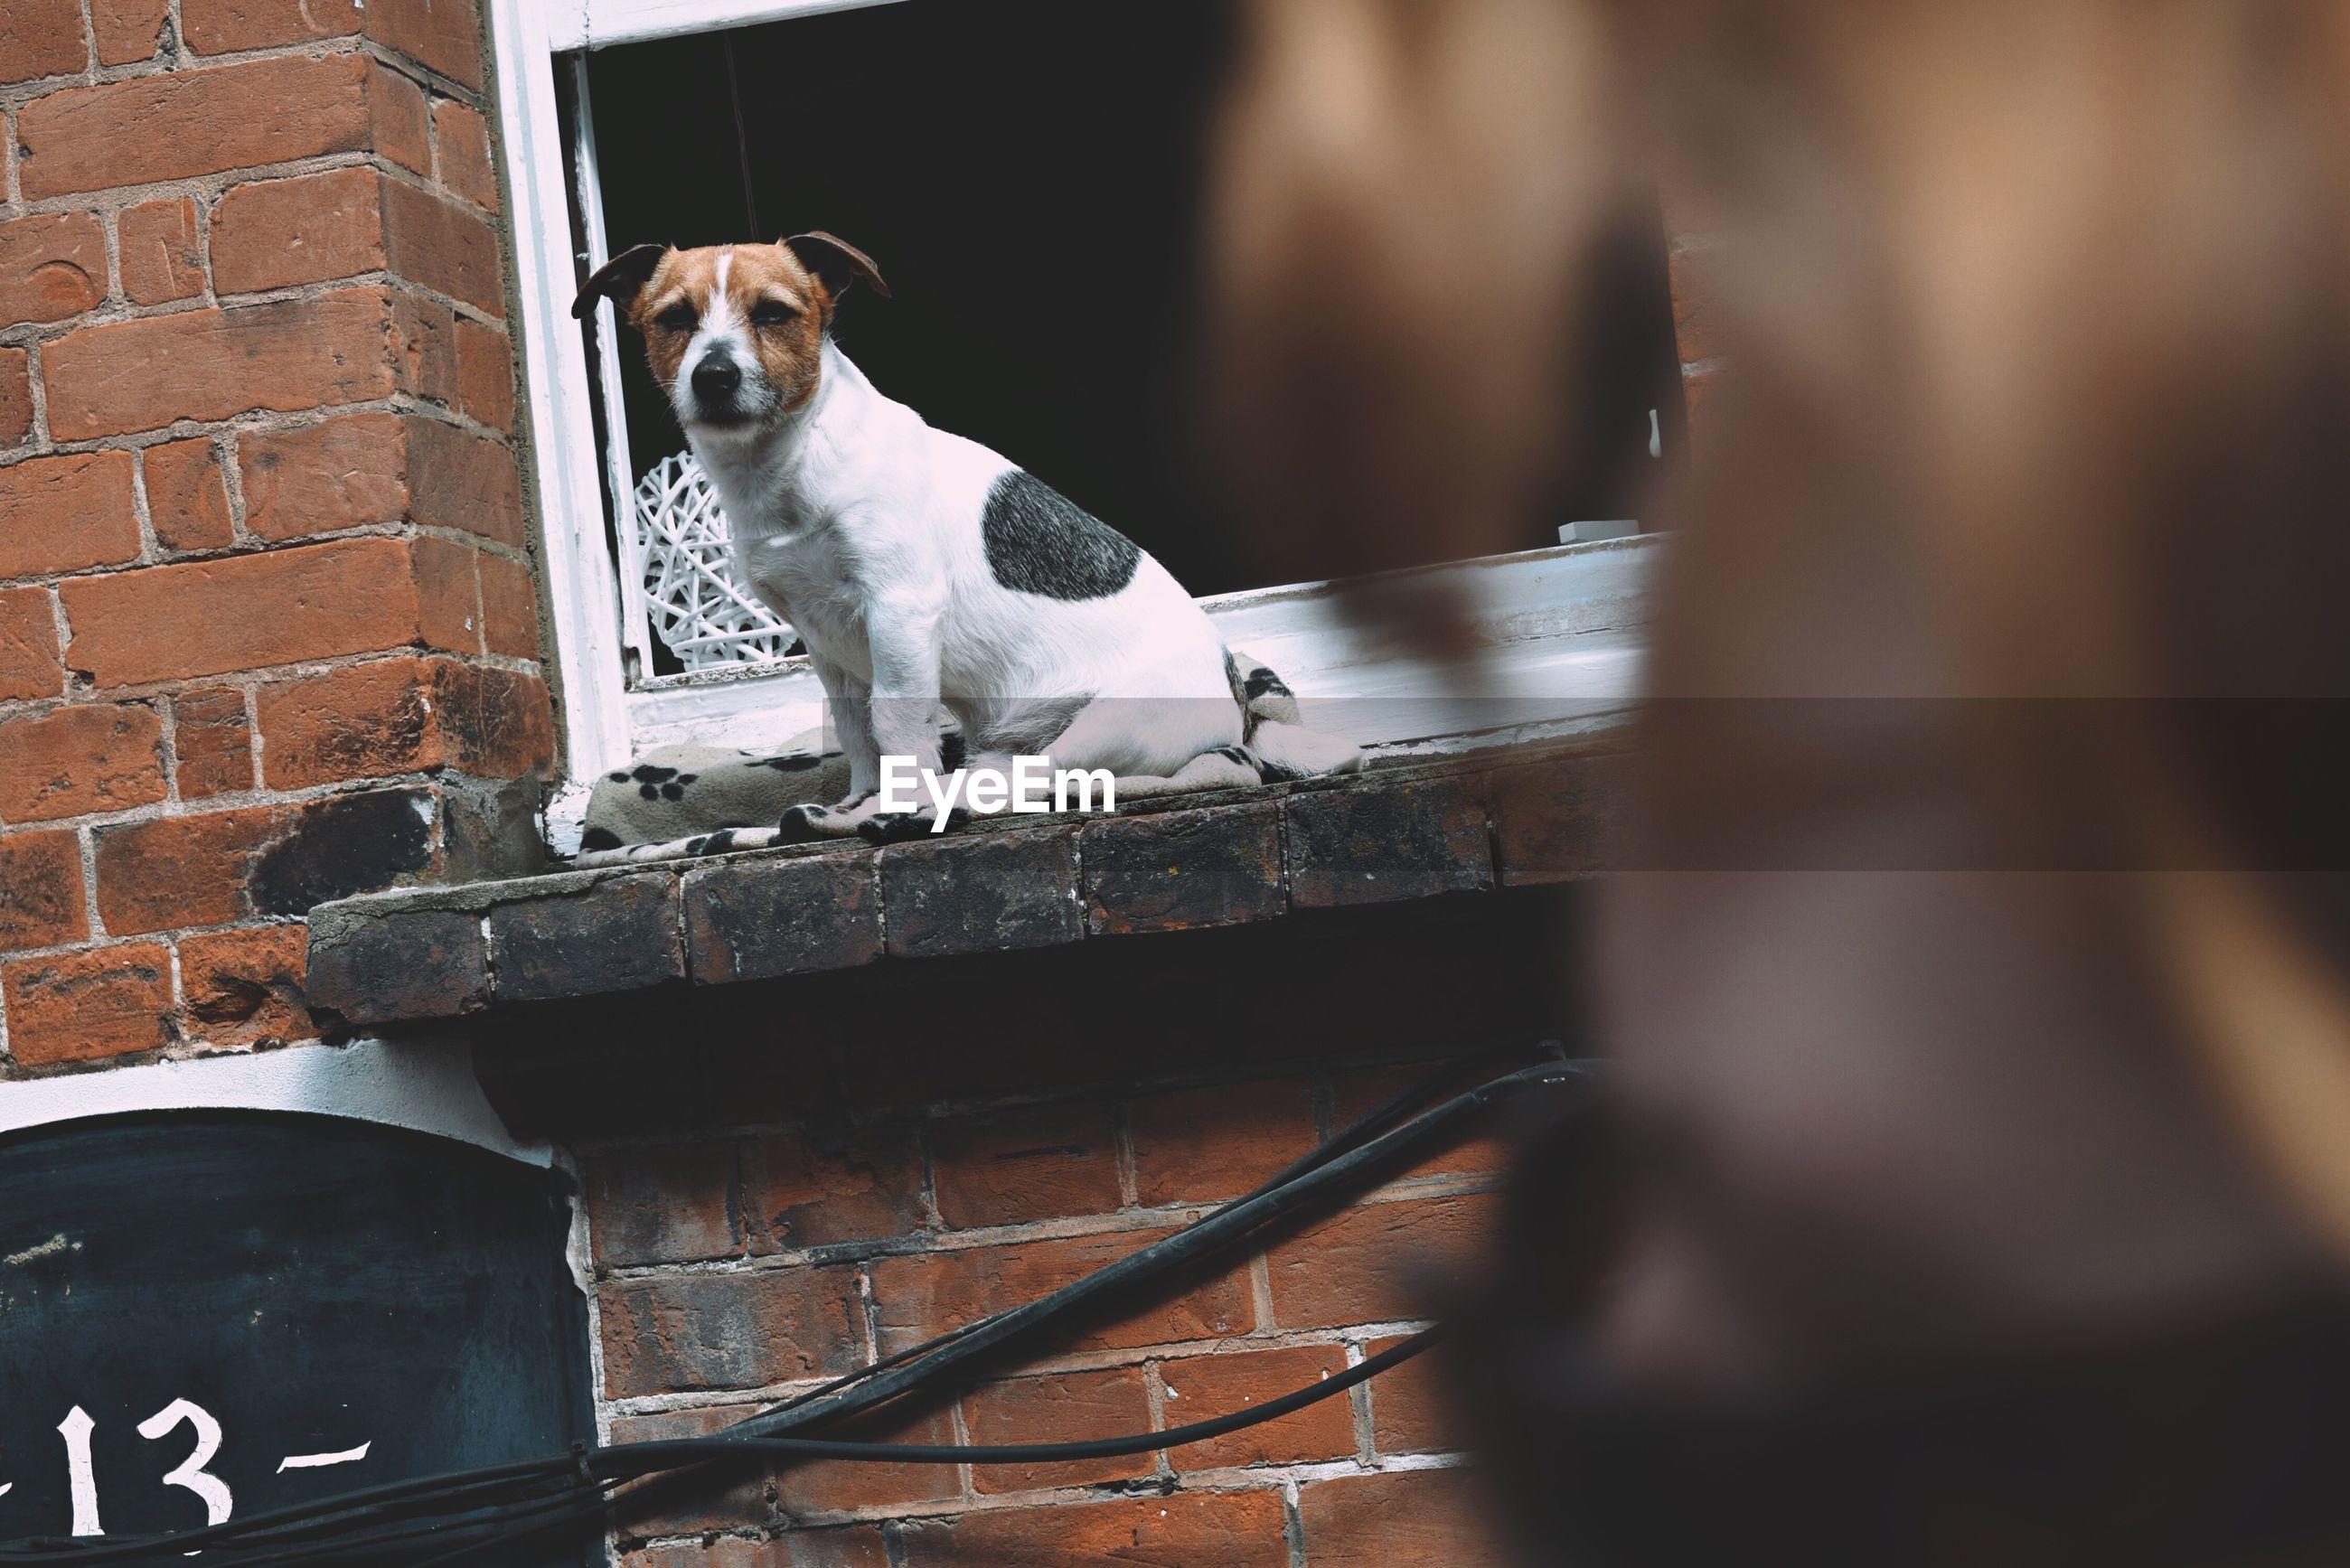 Dog sitting on window sill in yard